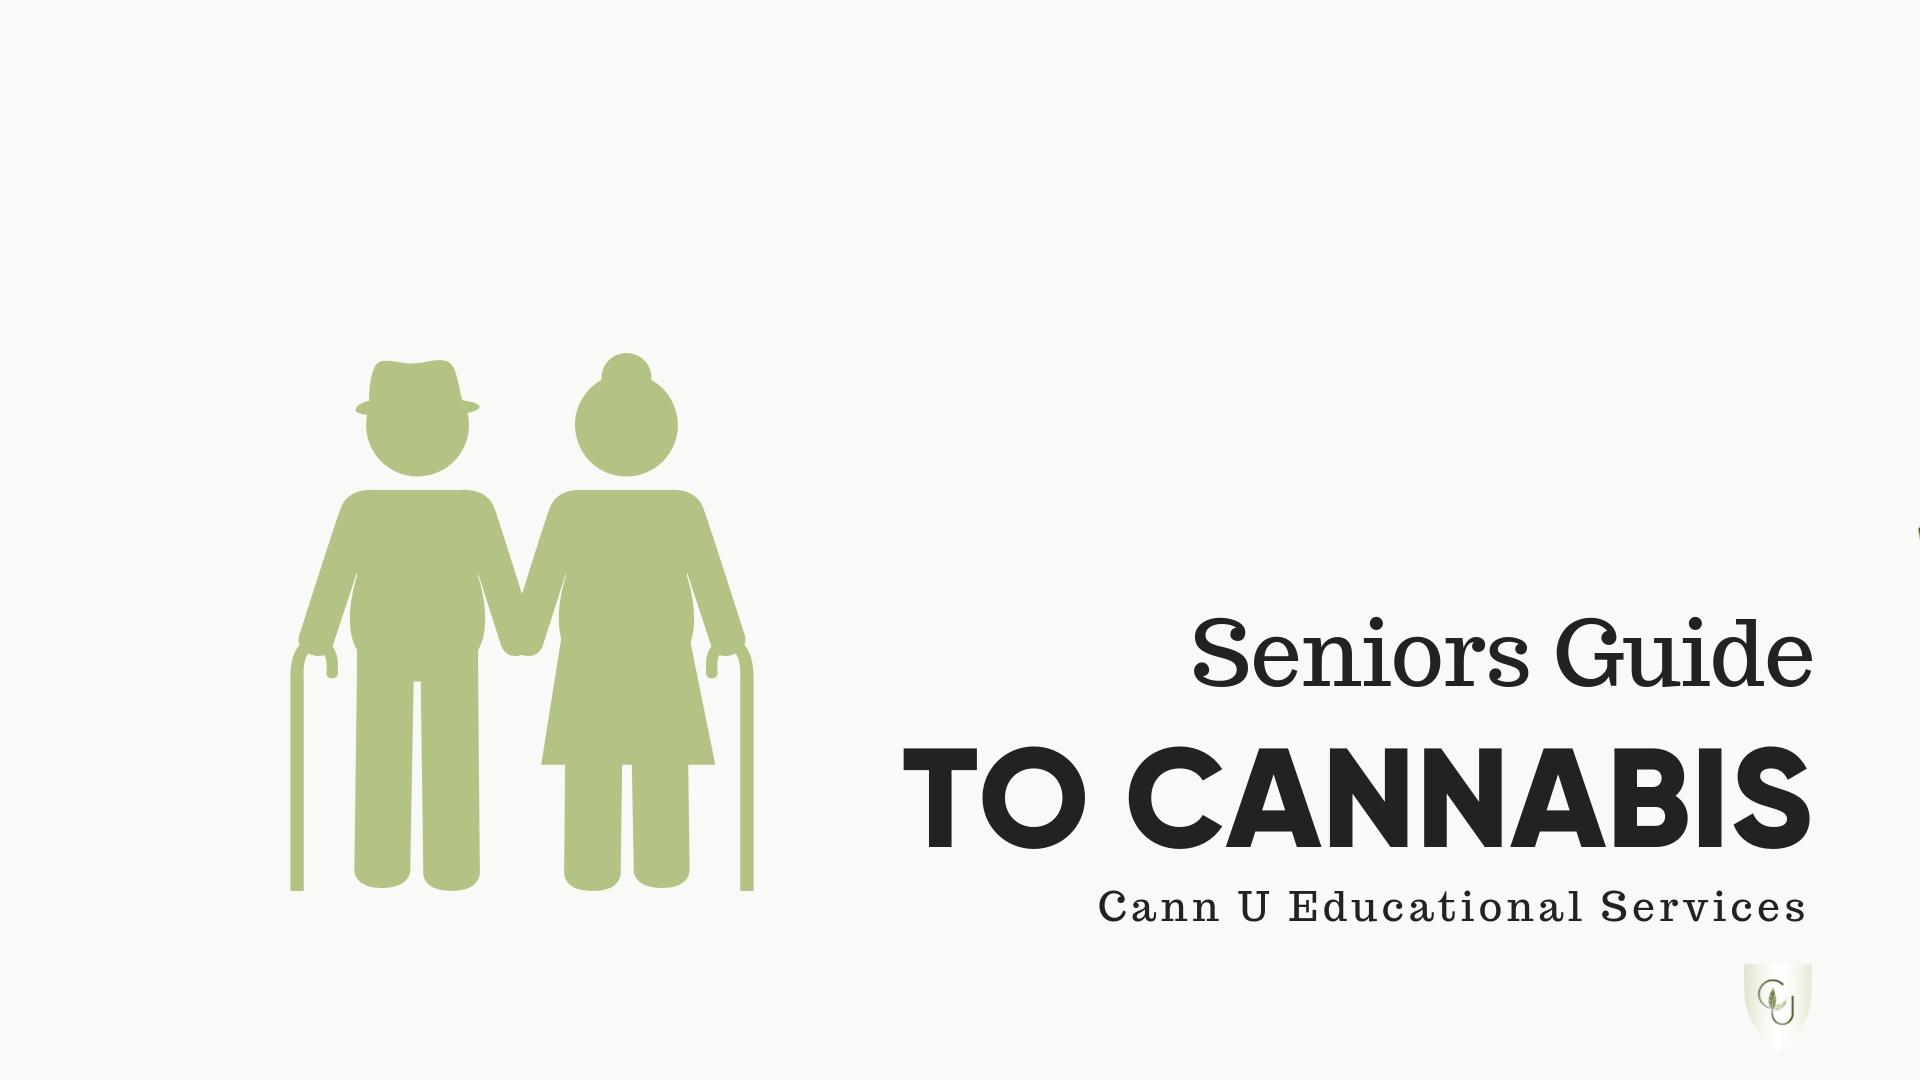 Seniors.Guide.jpg